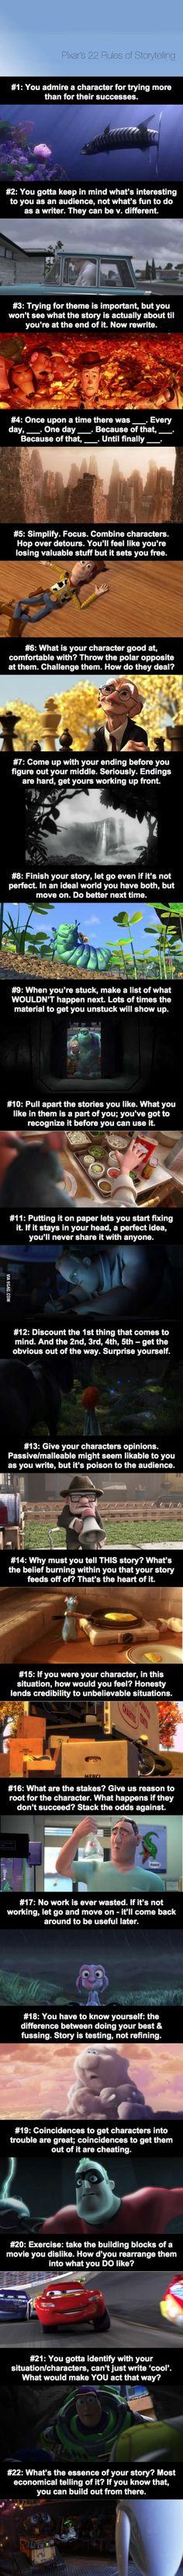 Pixar's 22 Rules of Storytelling (not reallu disney but i dont have a pixar folder)